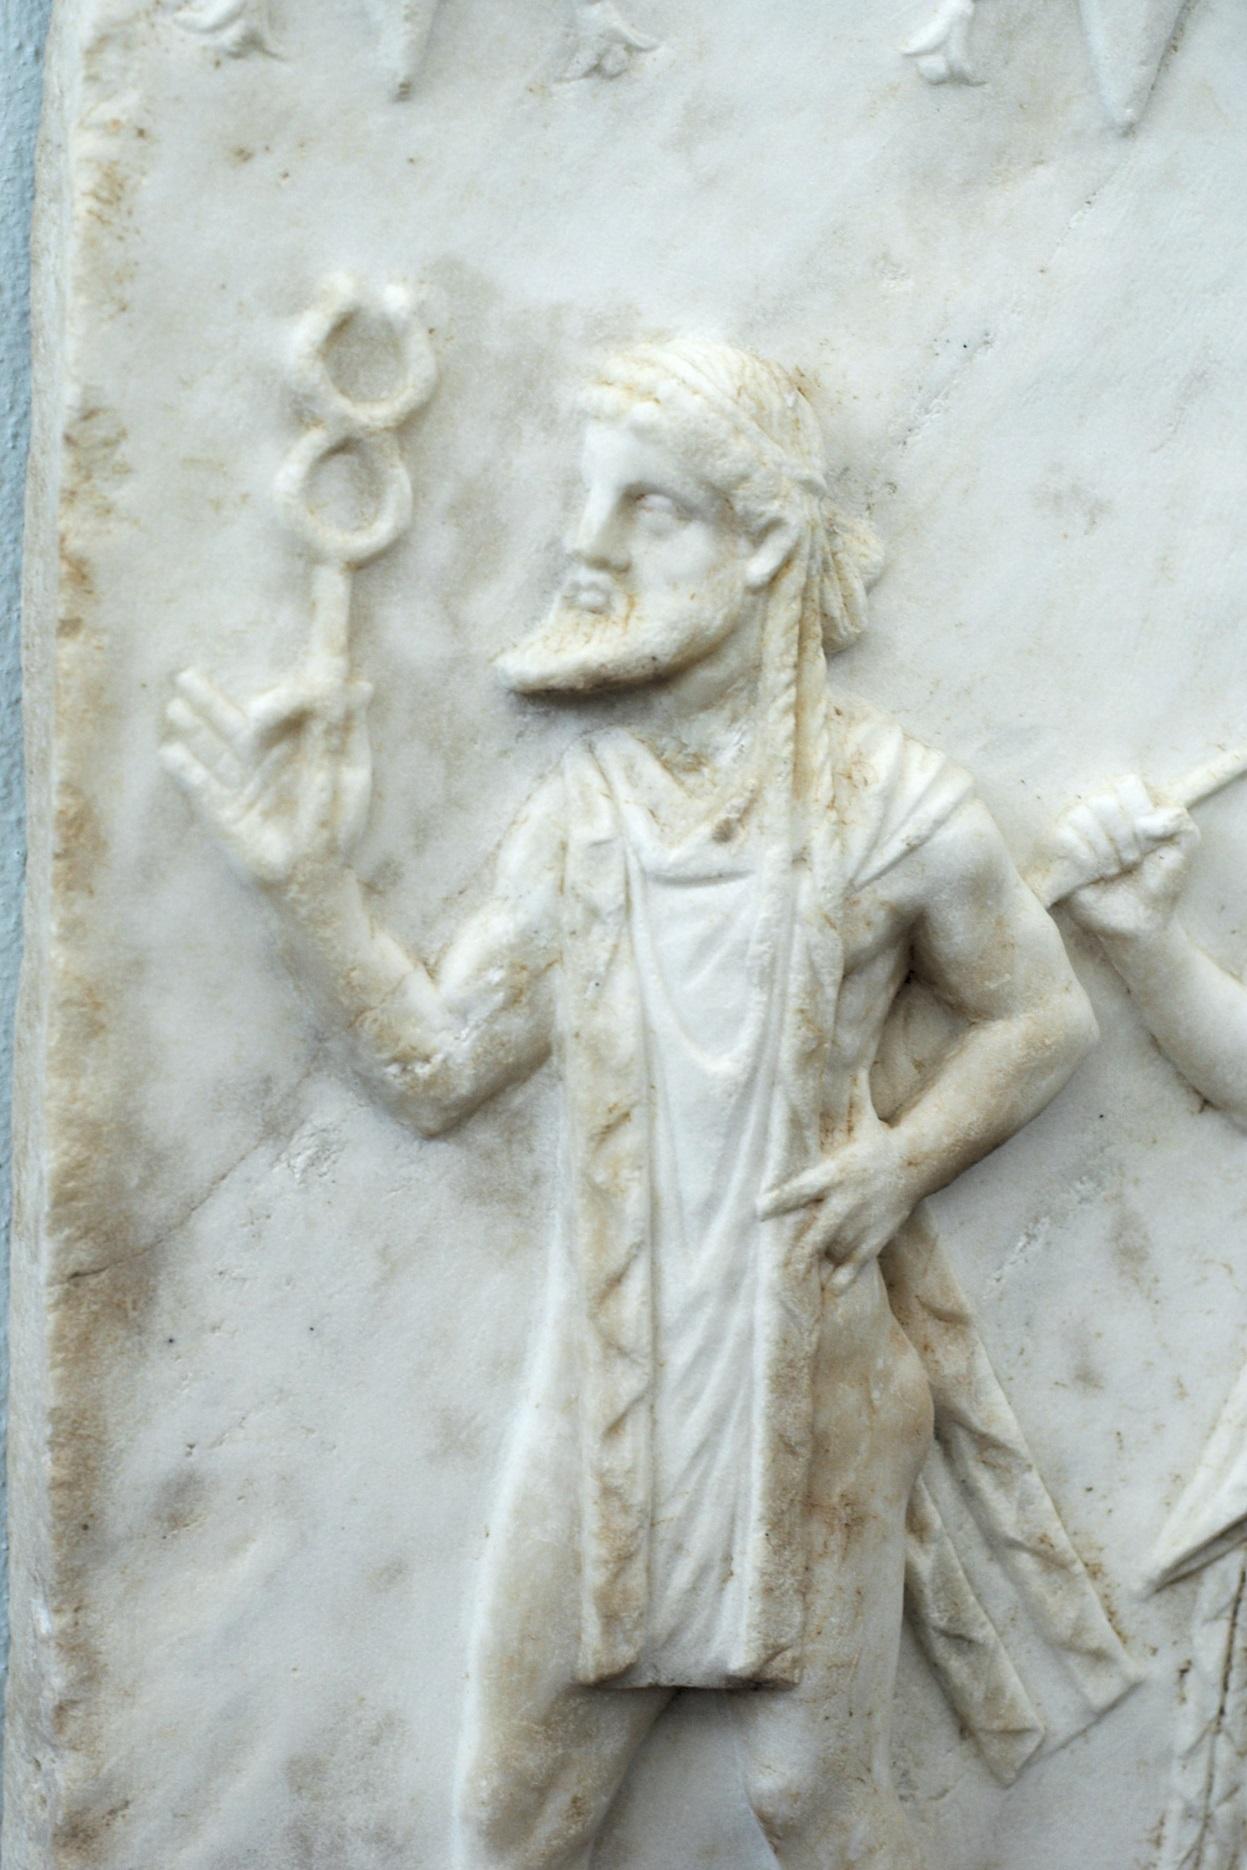 Hermés vede průvod bohů, 2. století před n. l., posvátný ostrov Délos, Muzeum na Délu. Kredit: Z. Kratochvíl, Wikipedia.